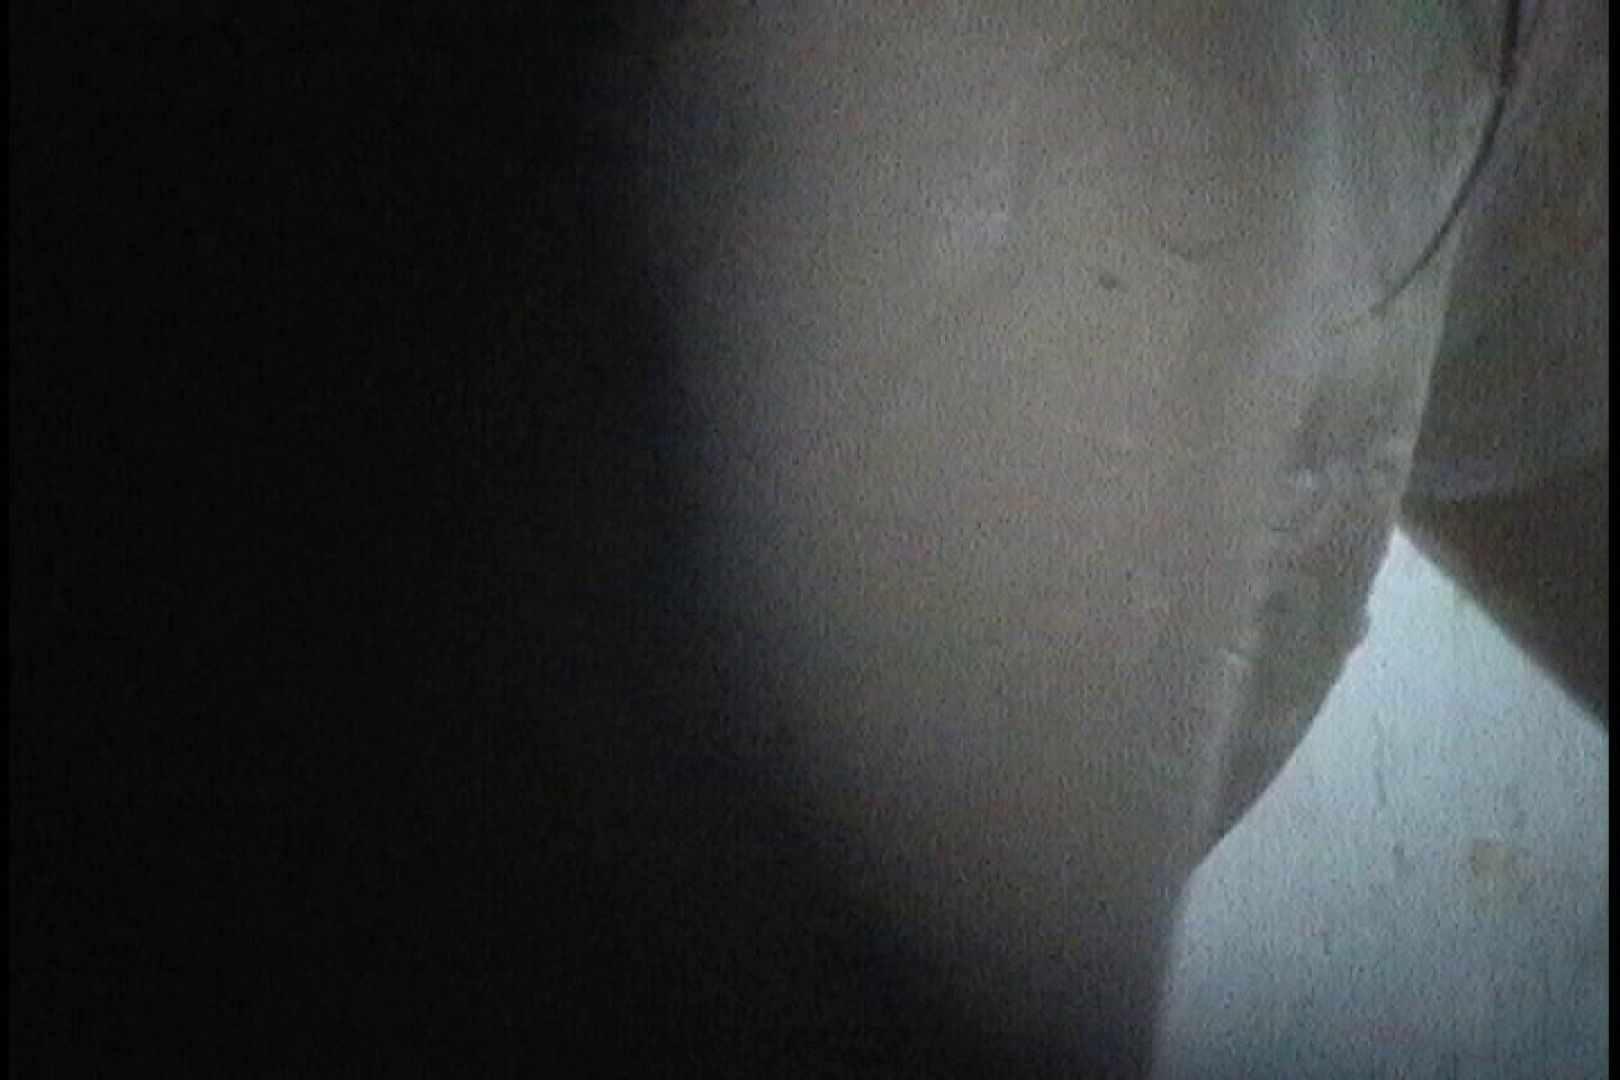 トイレ盗撮|No.96 案の定発情 彼女の目は本気です!!|怪盗ジョーカー